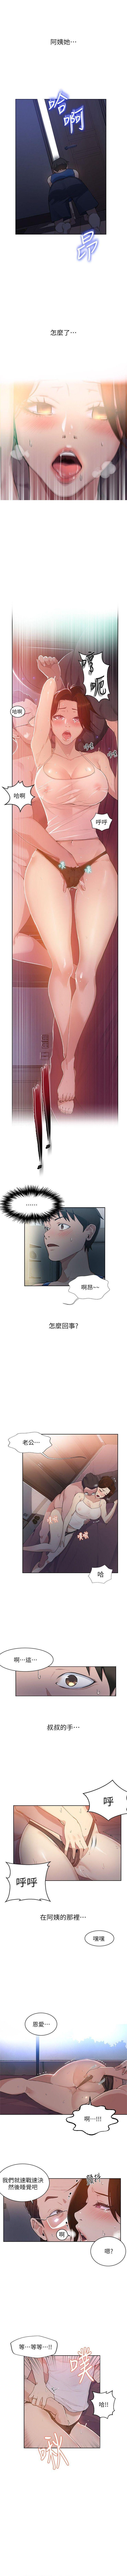 秘密教學  1-55 官方中文(連載中) 10